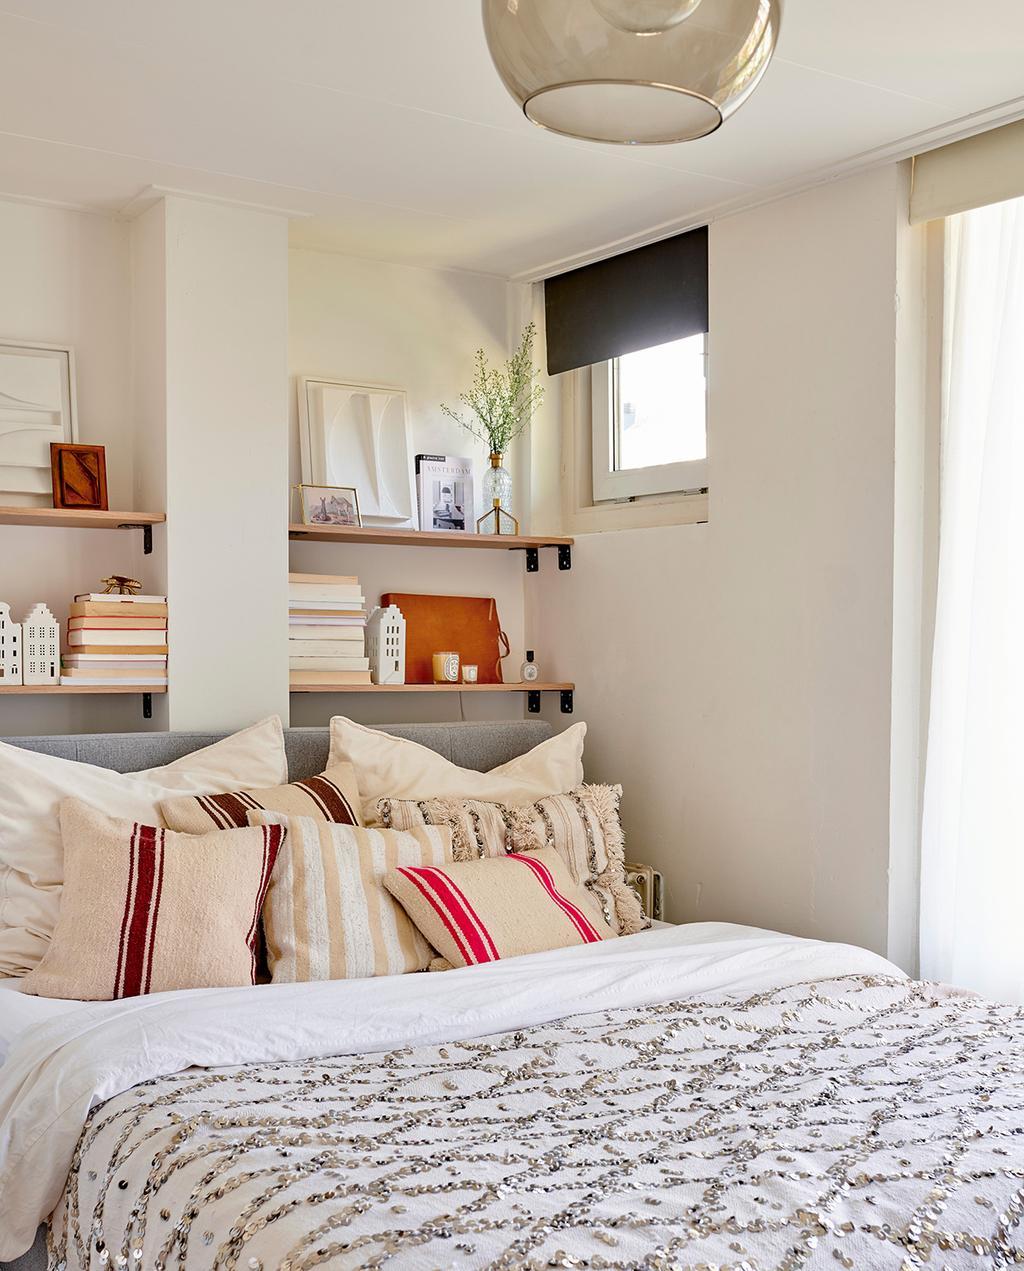 vtwonen special tiny houses | lichte slaapkamer met beige, terracotta en lichtblauwe tinten